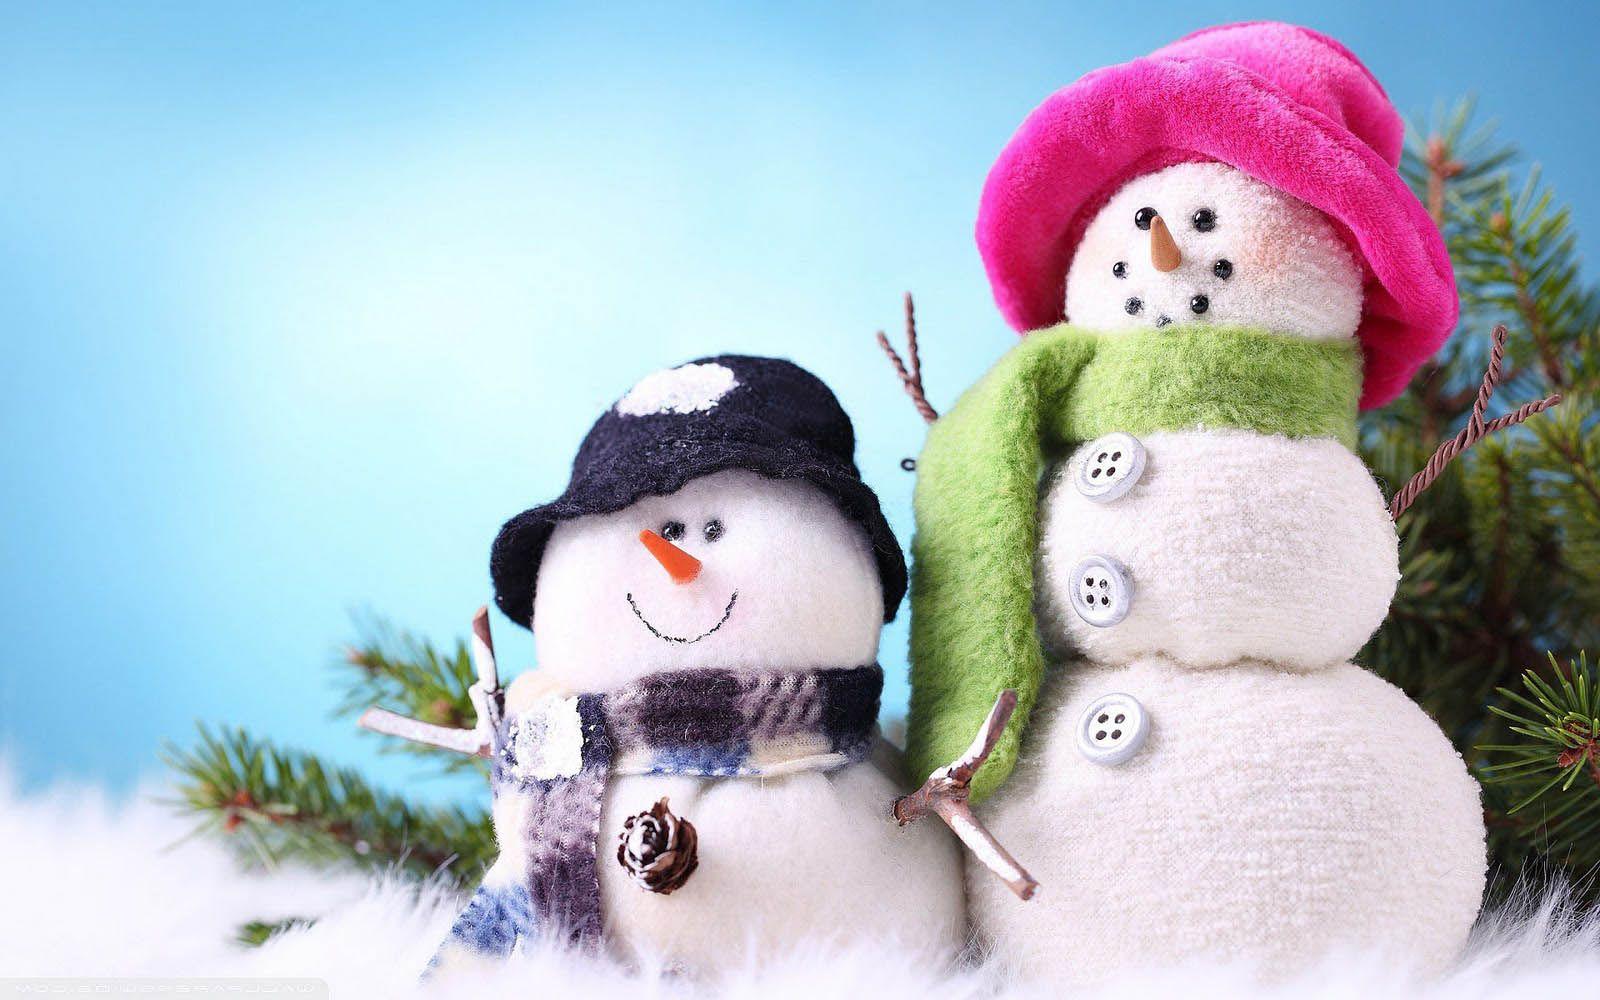 Free Snowman Desktop Wallpapers Wallpaper Snowman Wallpaper Christmas Diamonds Snowman Crafts